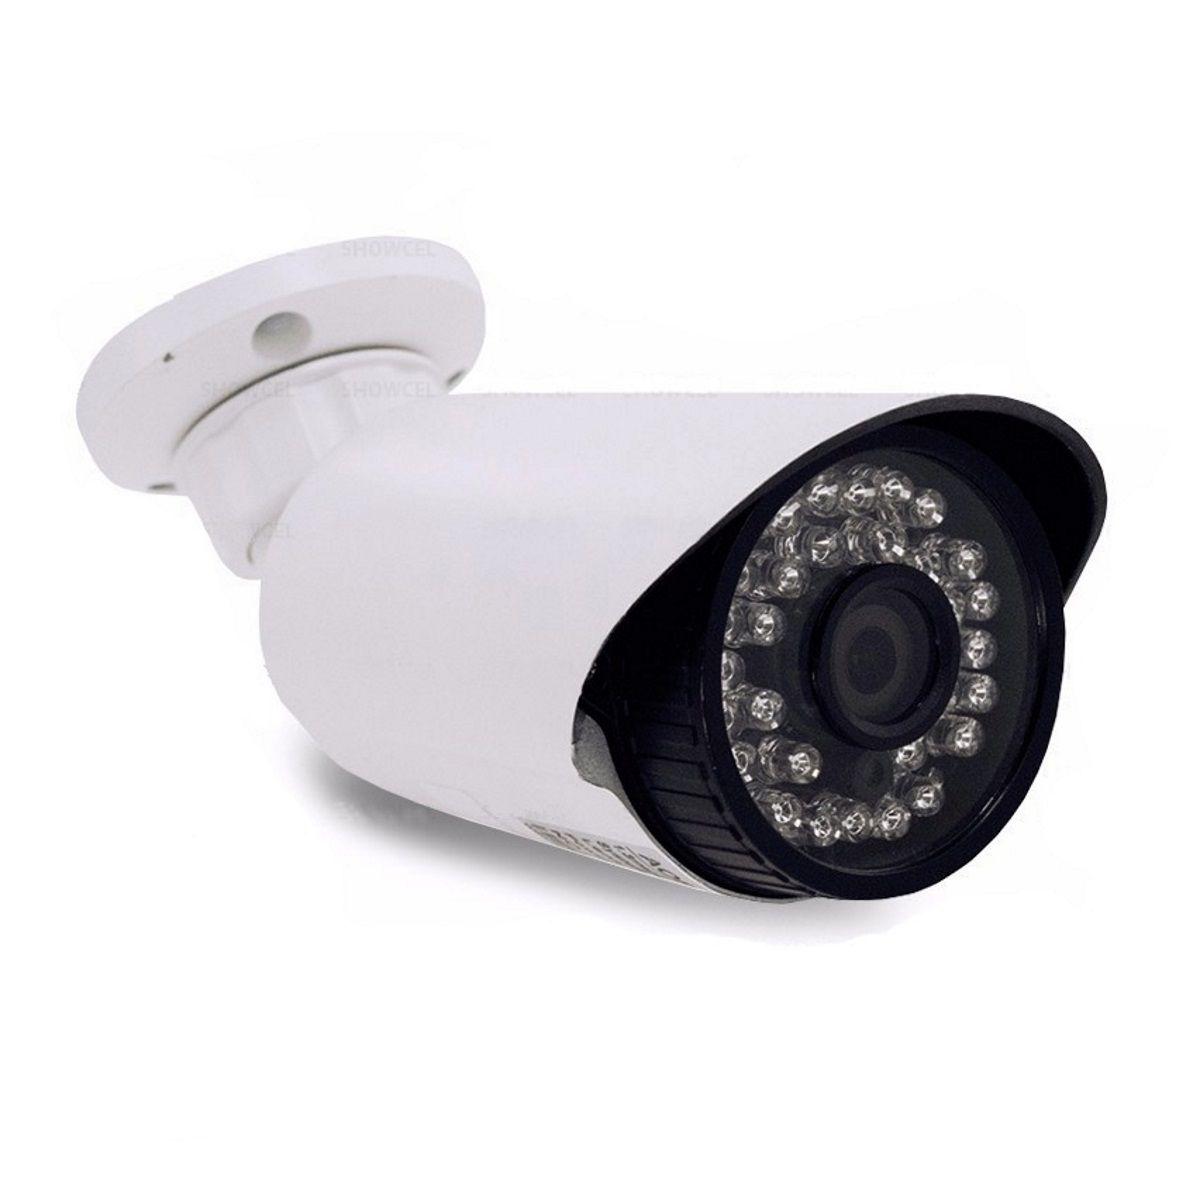 Câmera para CFTV Bullet Ahd 720p Infravermelho Lente 3,6mm